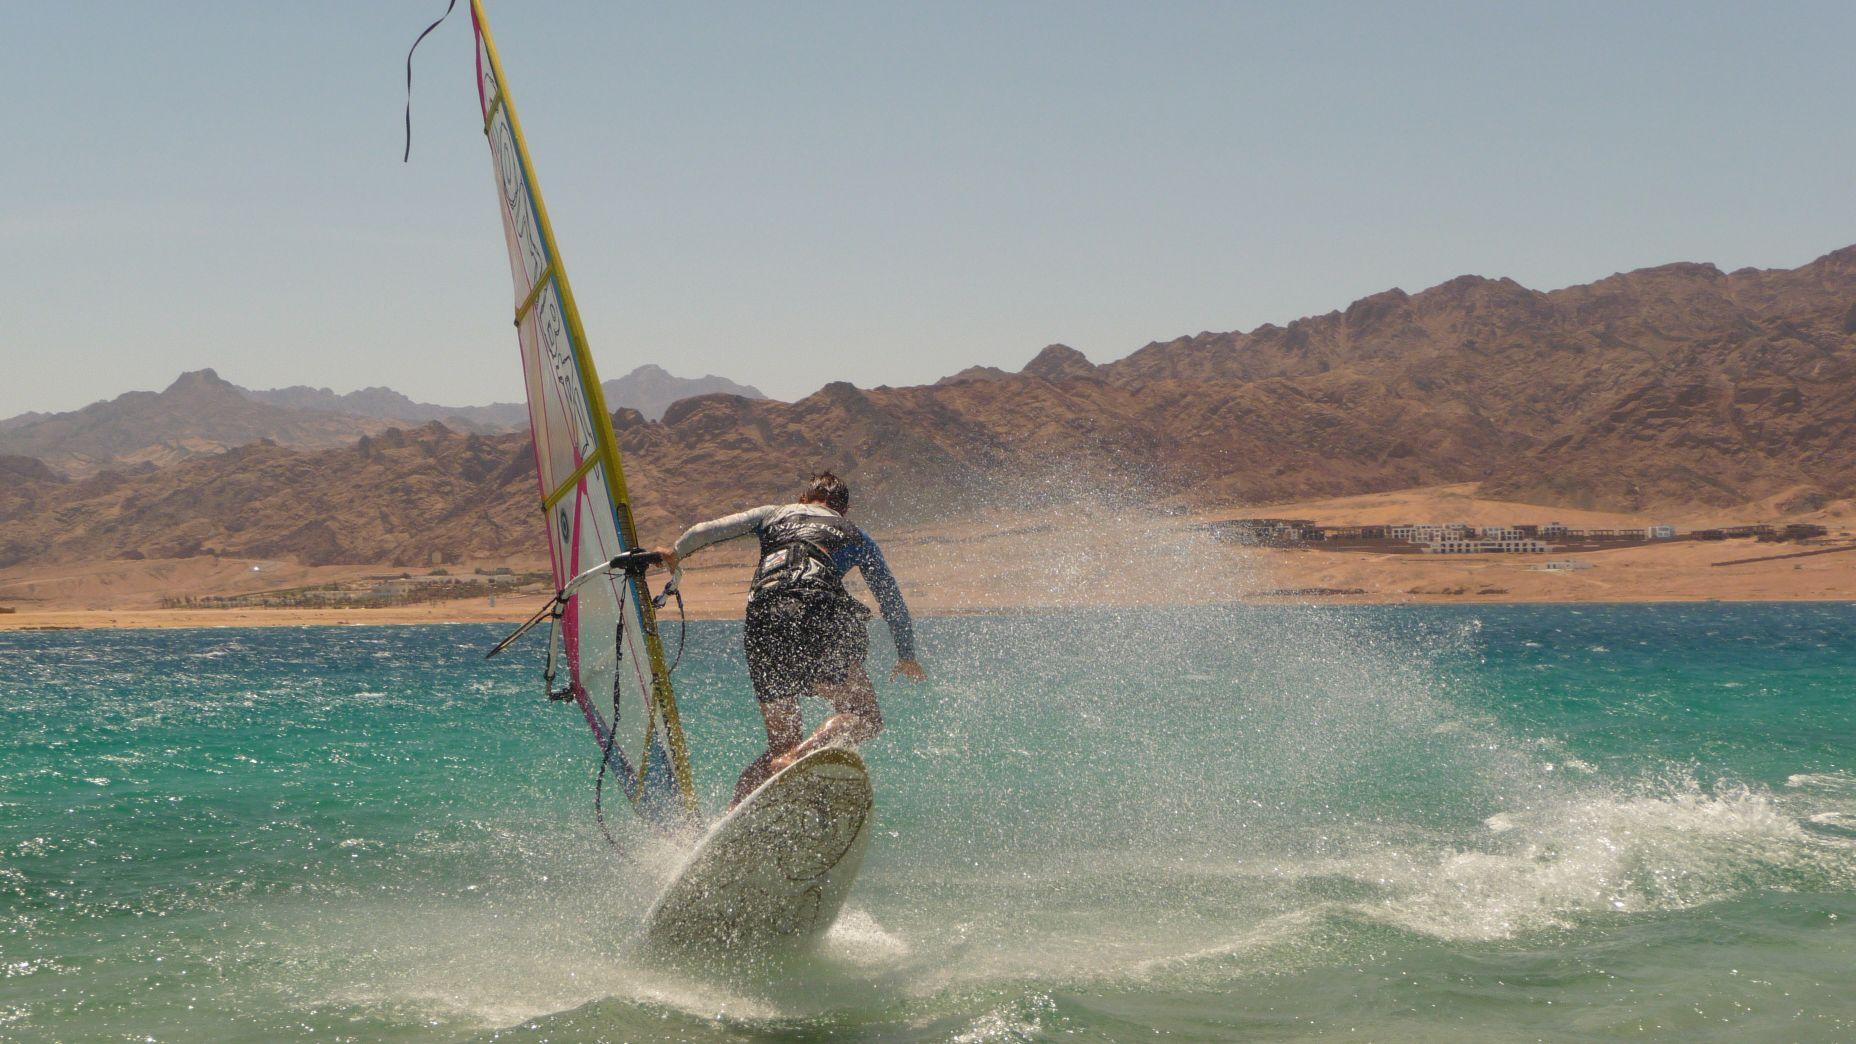 Dahab - sesje freestyle wind/kite - zdjęcia, atrakcje